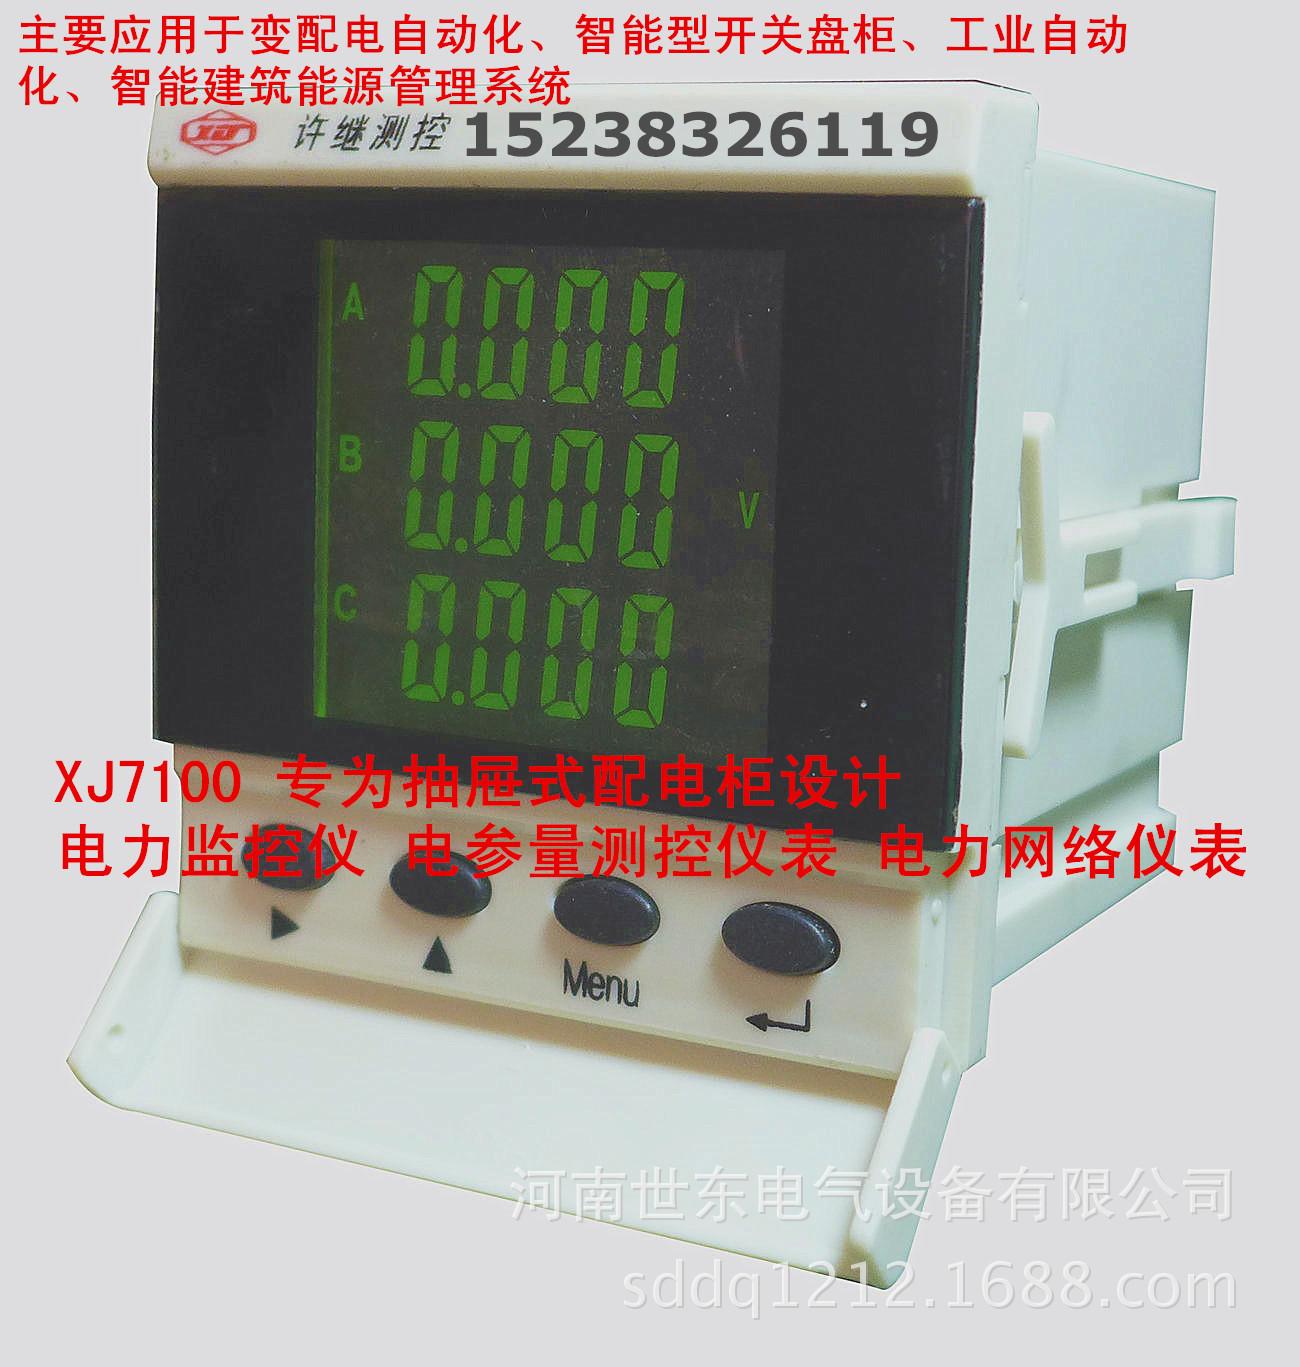 相电压线电压模拟量输出开关量输入XJ7100BS电力监控控制调